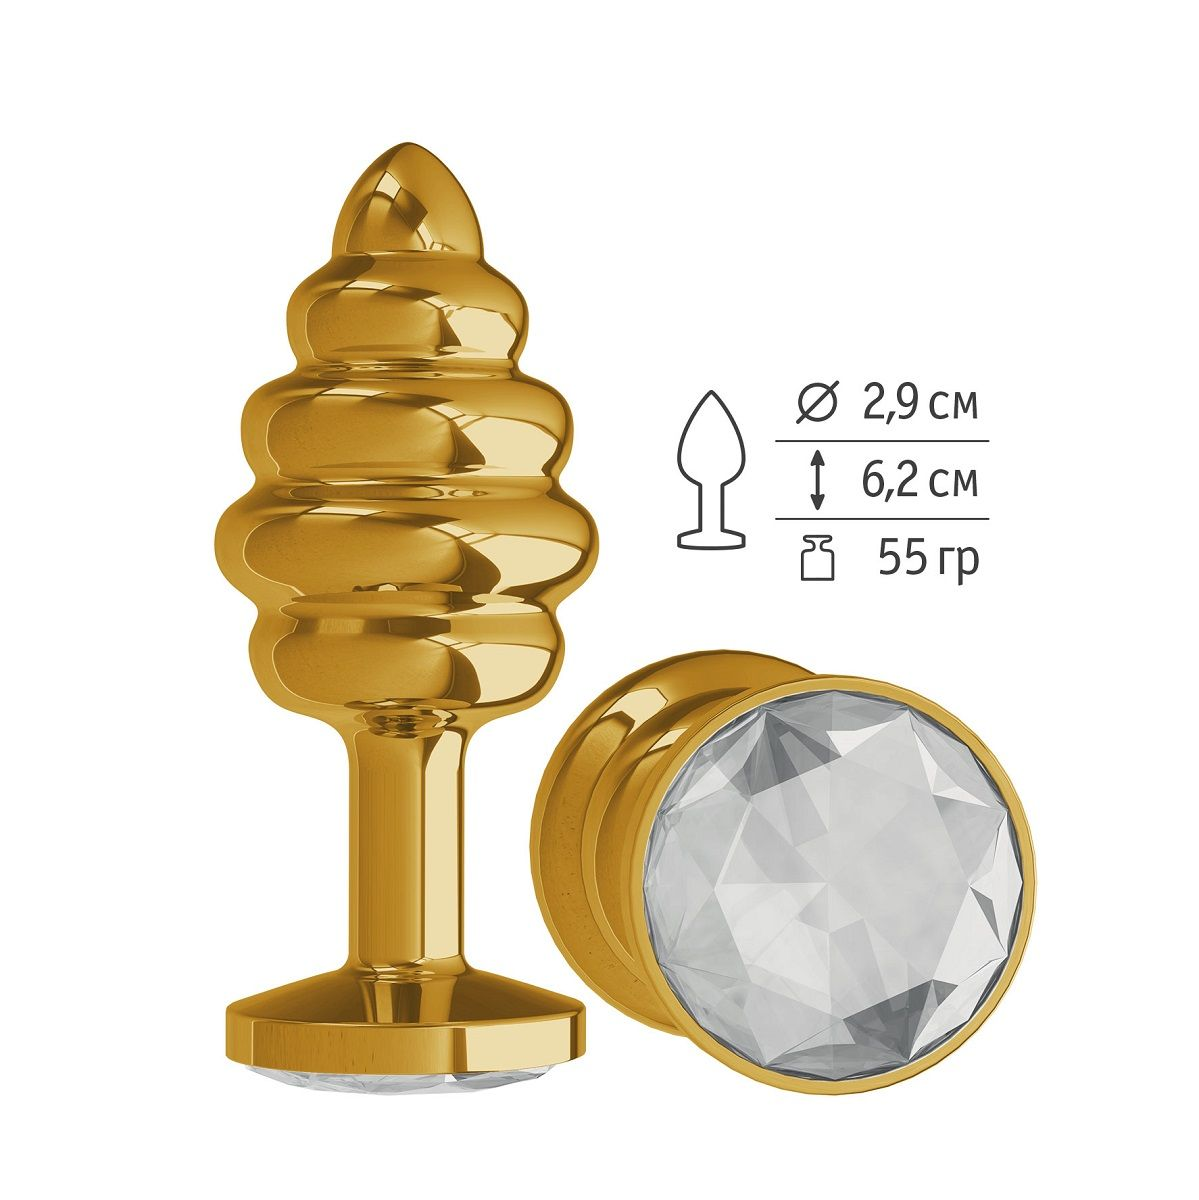 Золотистая пробка с рёбрышками и прозрачным кристаллом - 7 см..